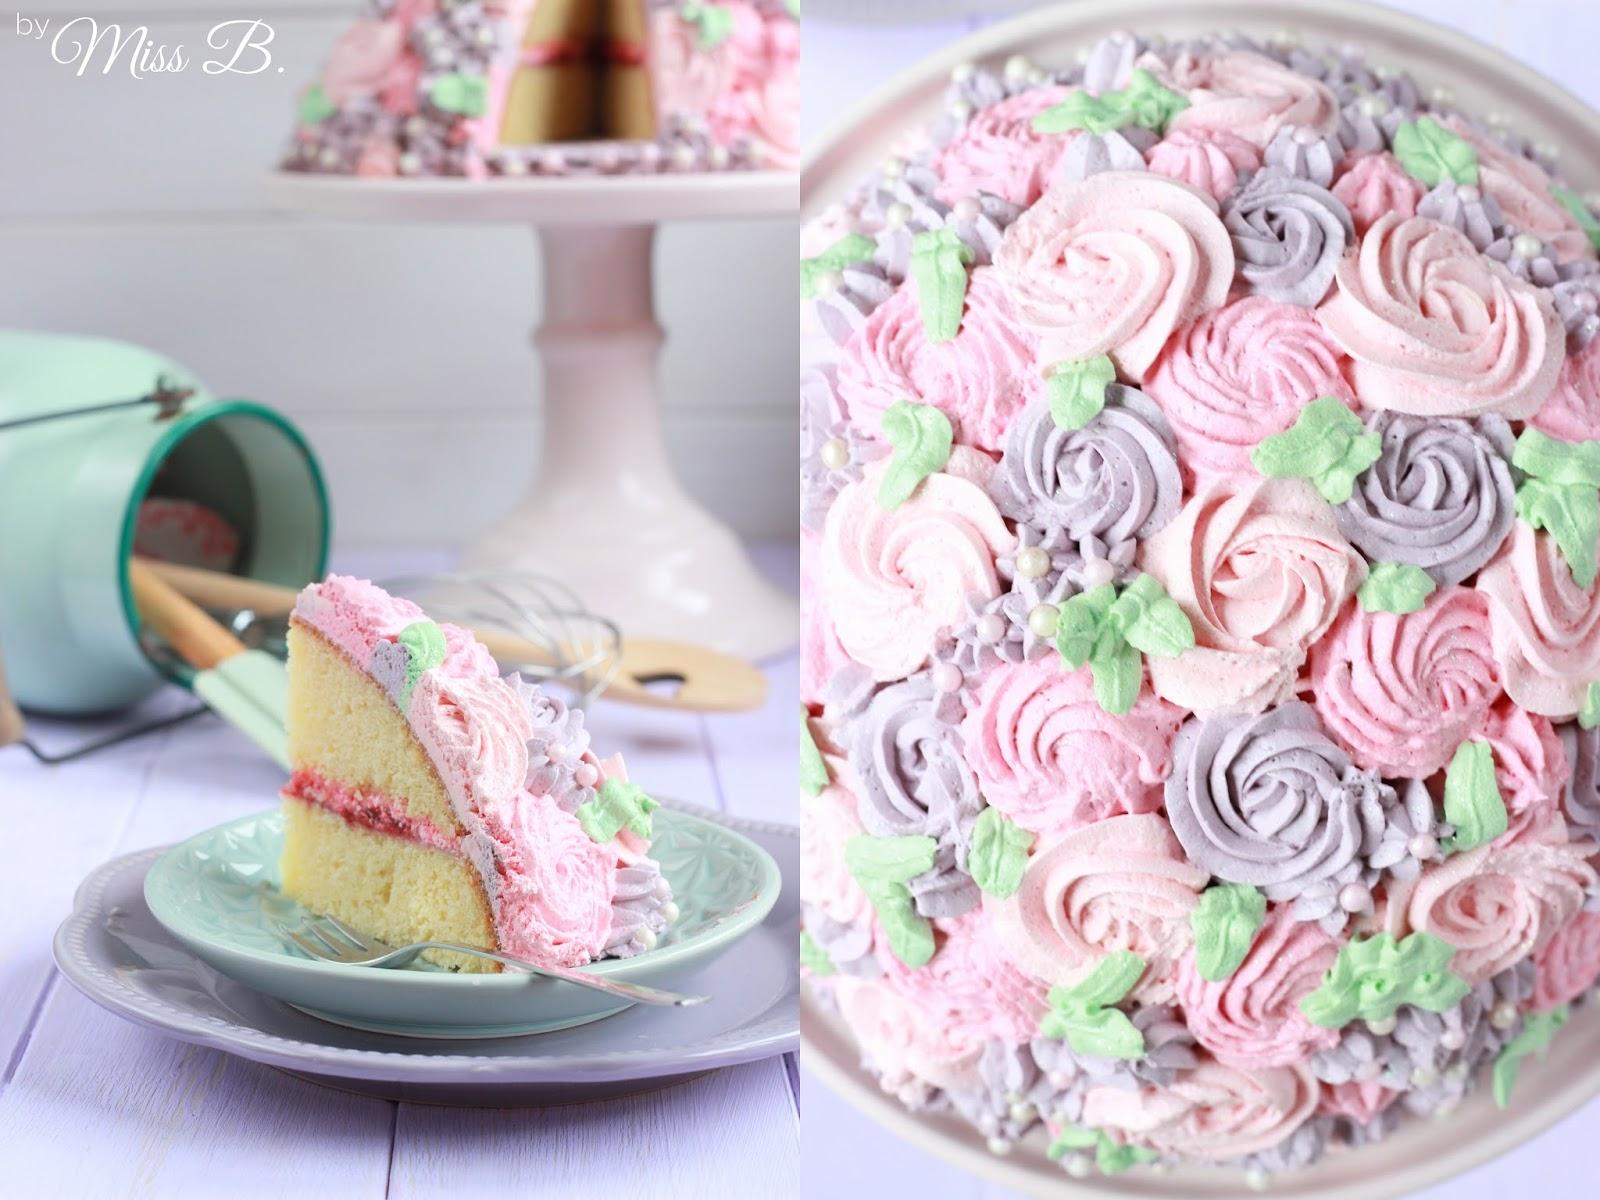 Miss Blueberrymuffin S Kitchen Madchenhafte Kuppel Rosen Torte